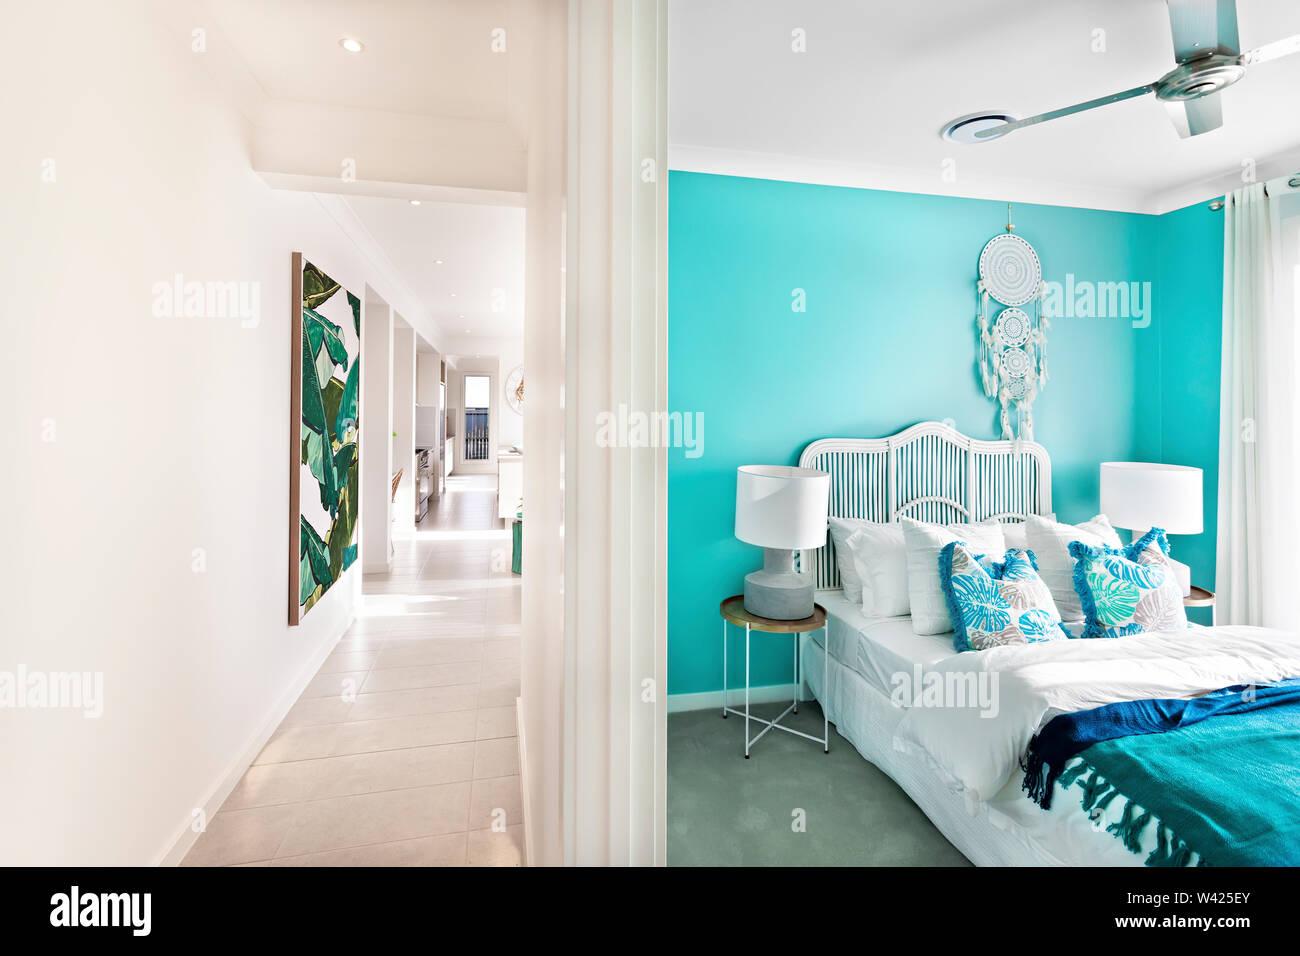 Lusso e colorato design letto, area confortevole con strutture, le pareti sono di colore bianco e i cuscini sono belli, all'interno della camera di un appartamento. Immagini Stock